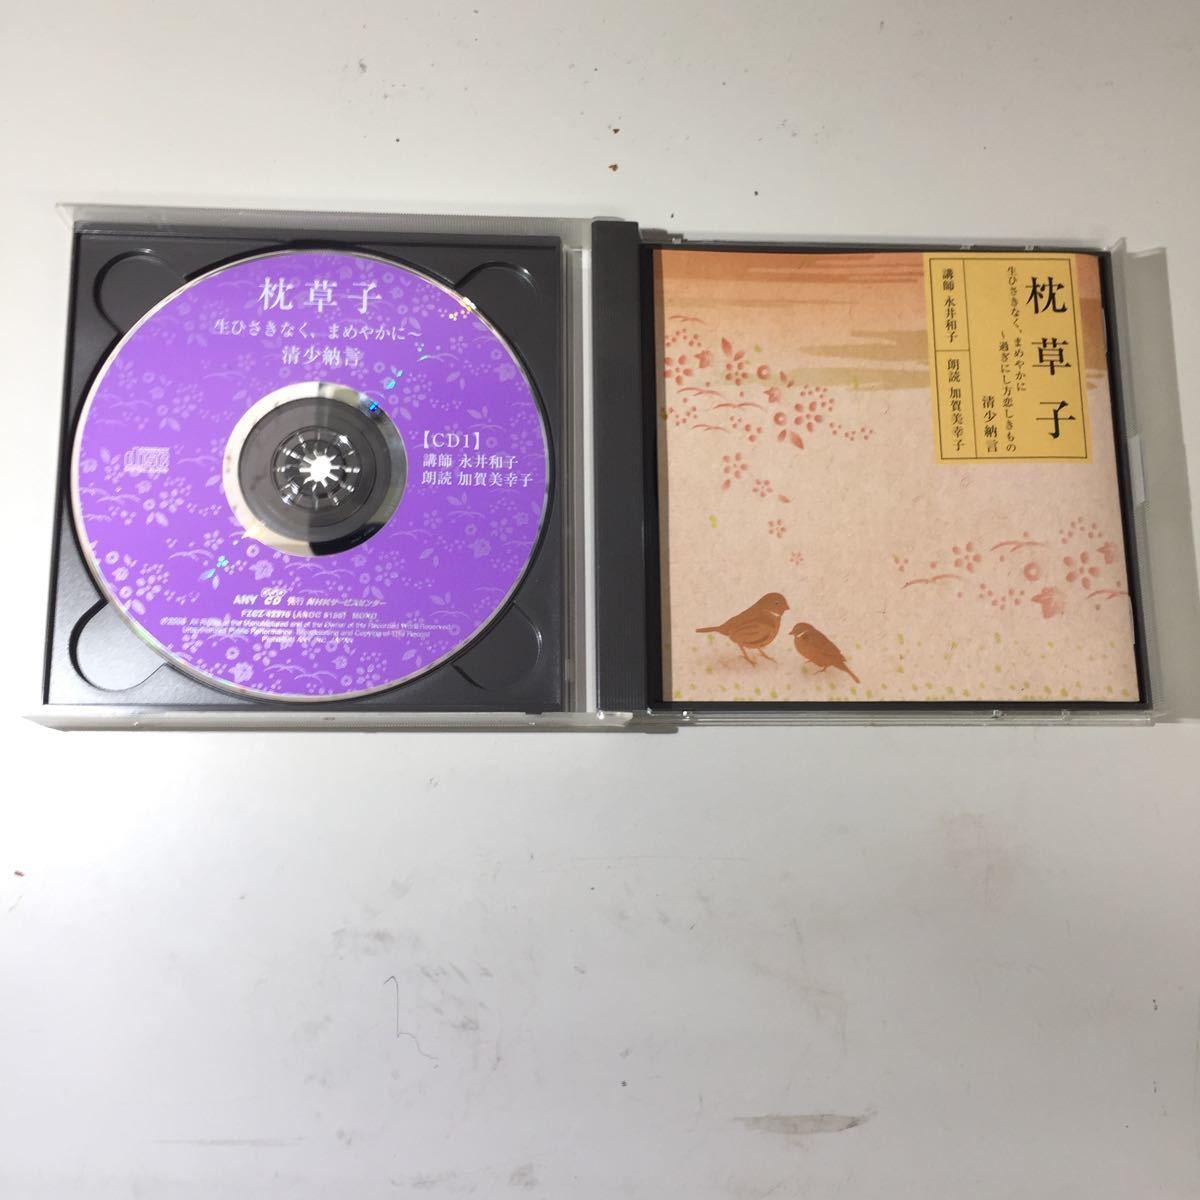 枕草子CD 生ひさきなく、まめやかに 過ぎにし方恋しきもの 清少納言 二枚組_画像2